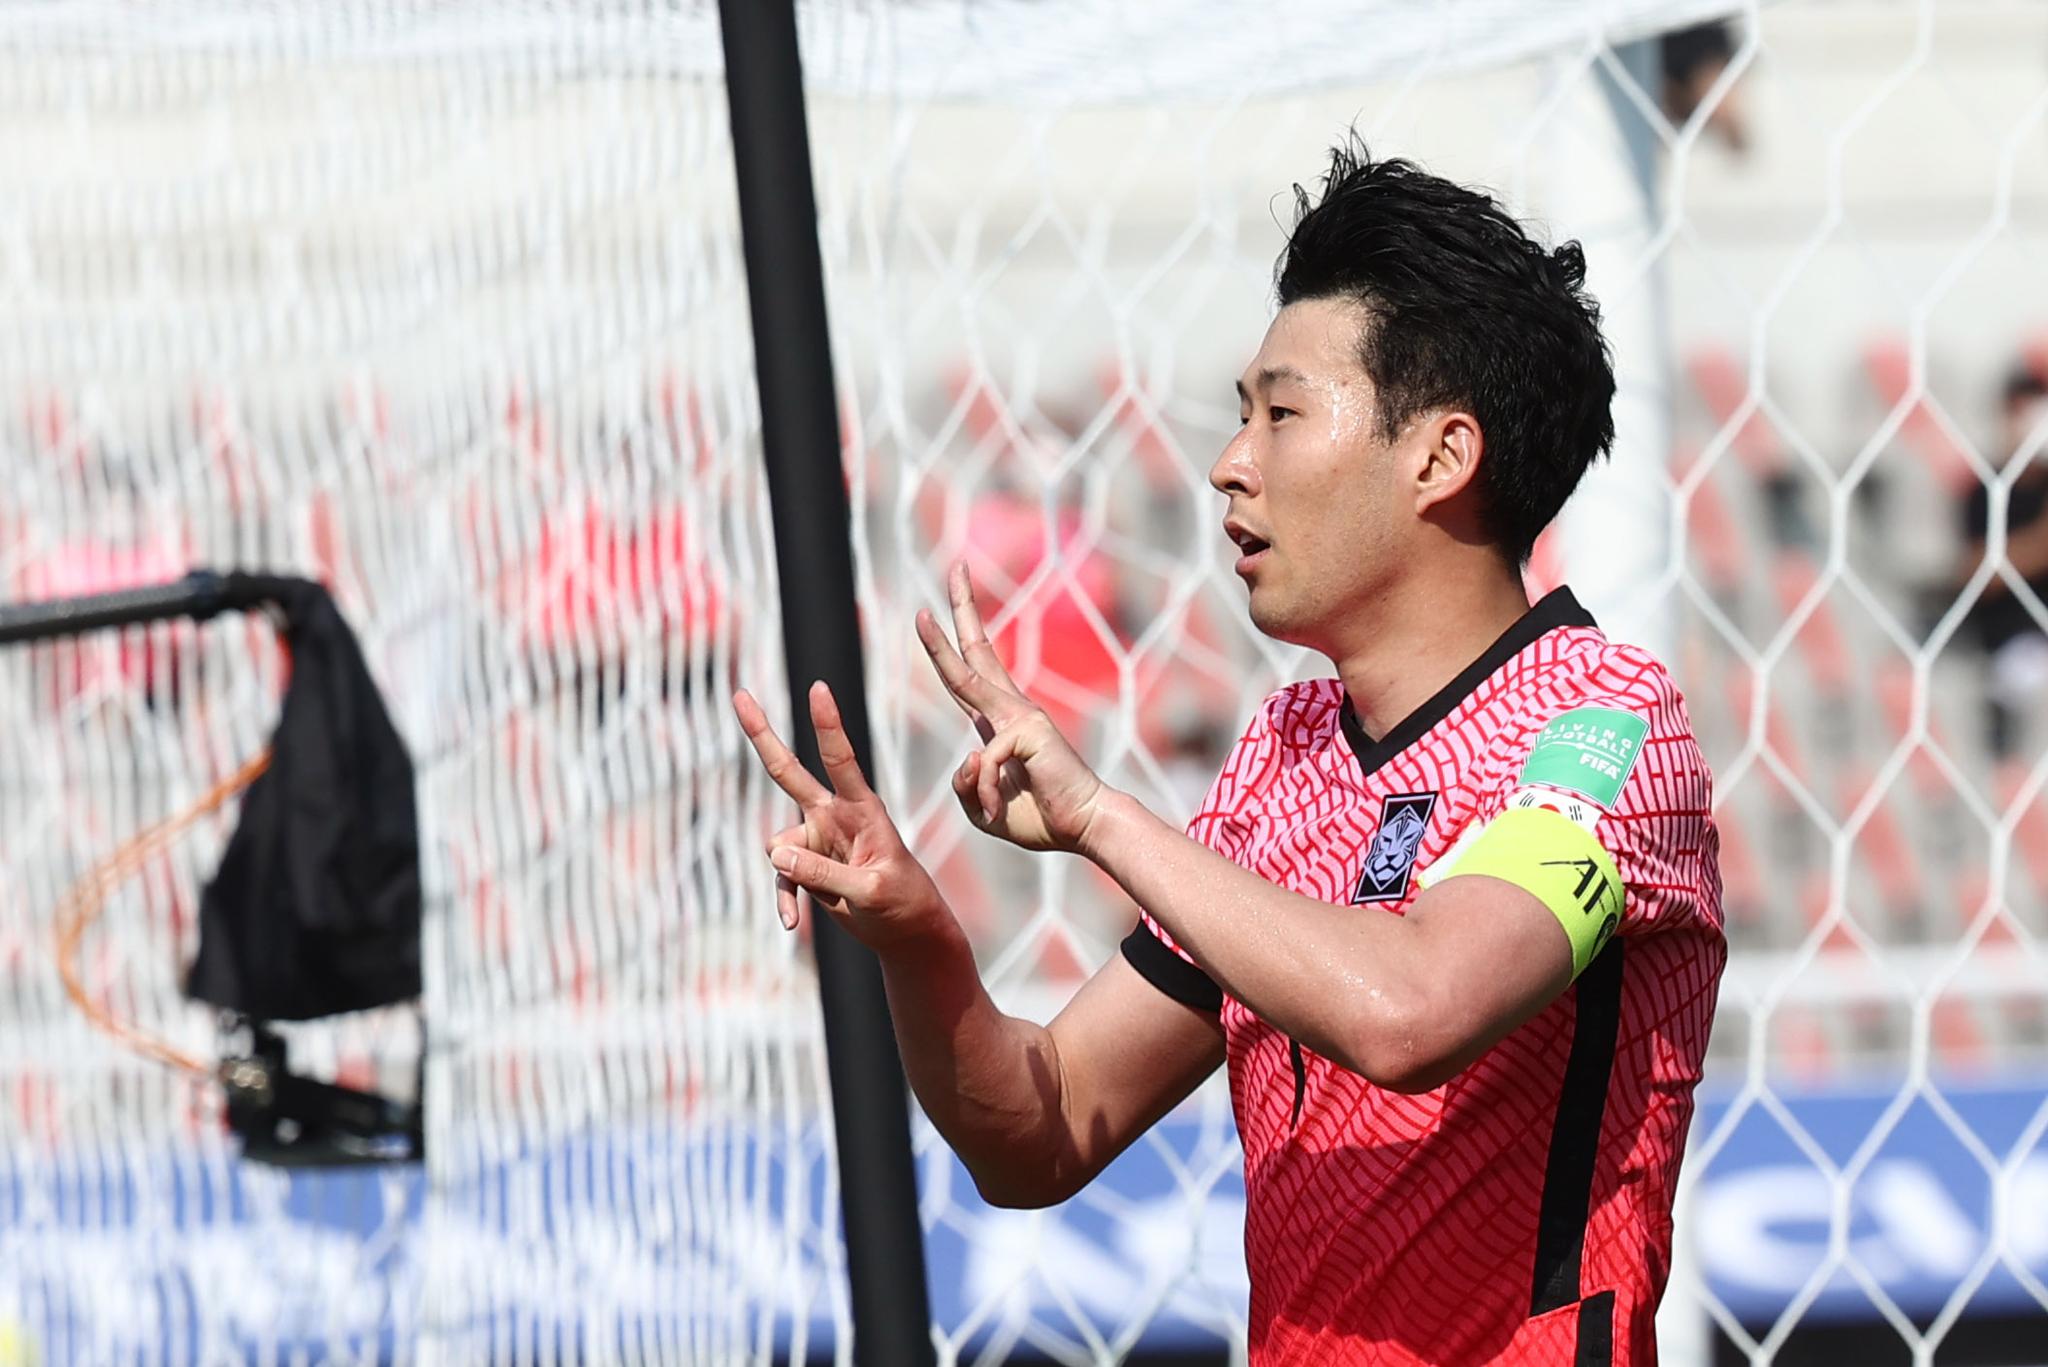 한국축구대표팀 손흥민이 골을 넣고 에릭센 쾌유 세리머니를 펼치고 있다. 손가락으로 에릭센 등번호 23번을 만들었다. [연합뉴스]